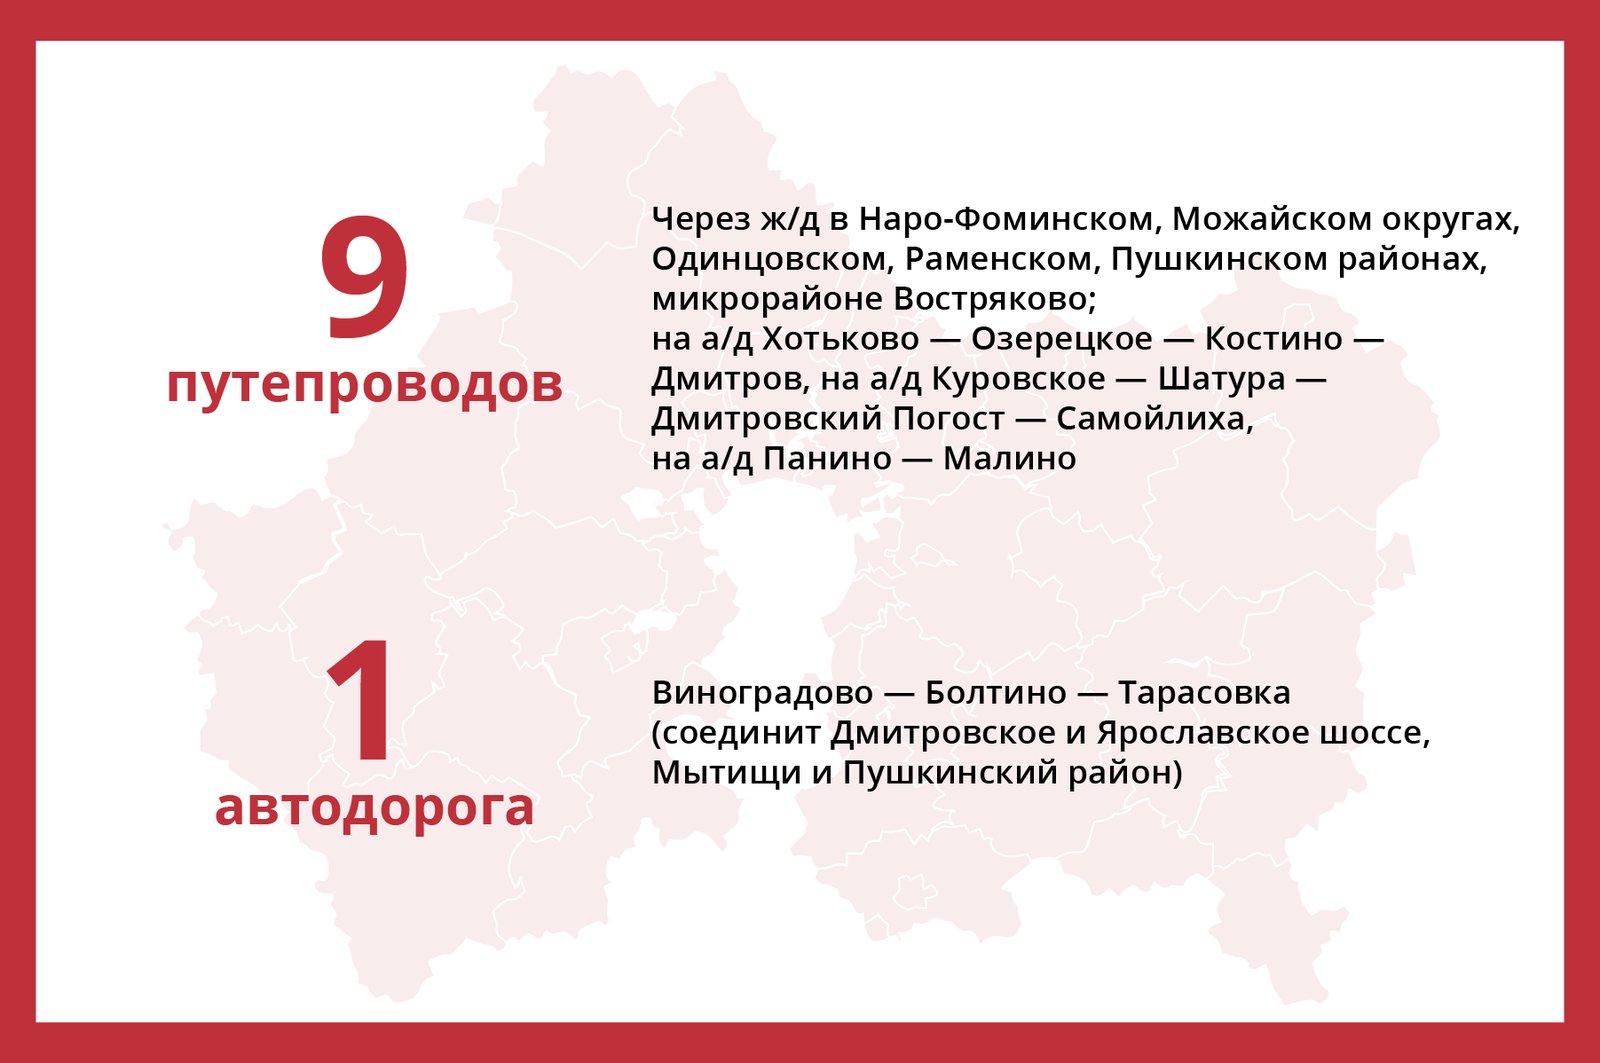 Андрей Воробьев губернатор московской области - Быстро и без пробок. Стратегия транспортного развития области